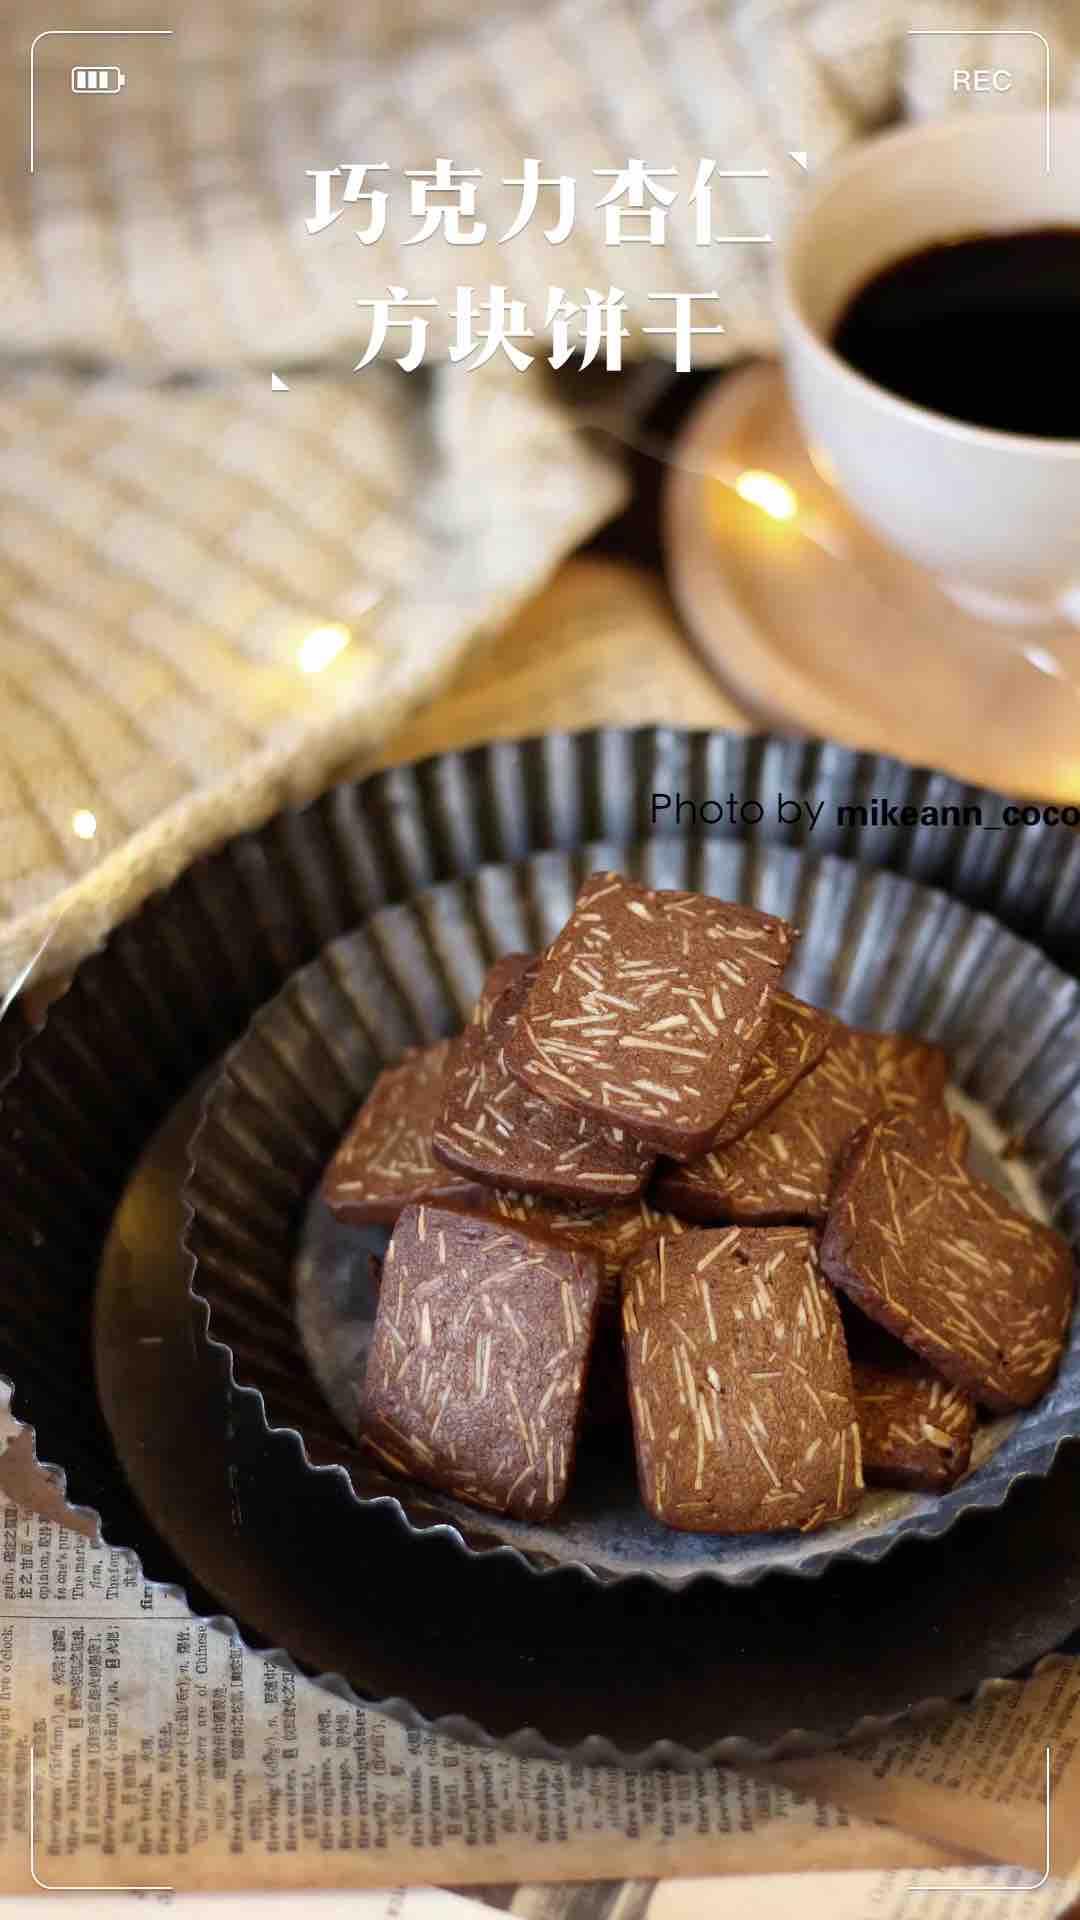 巧克力杏仁方块饼干